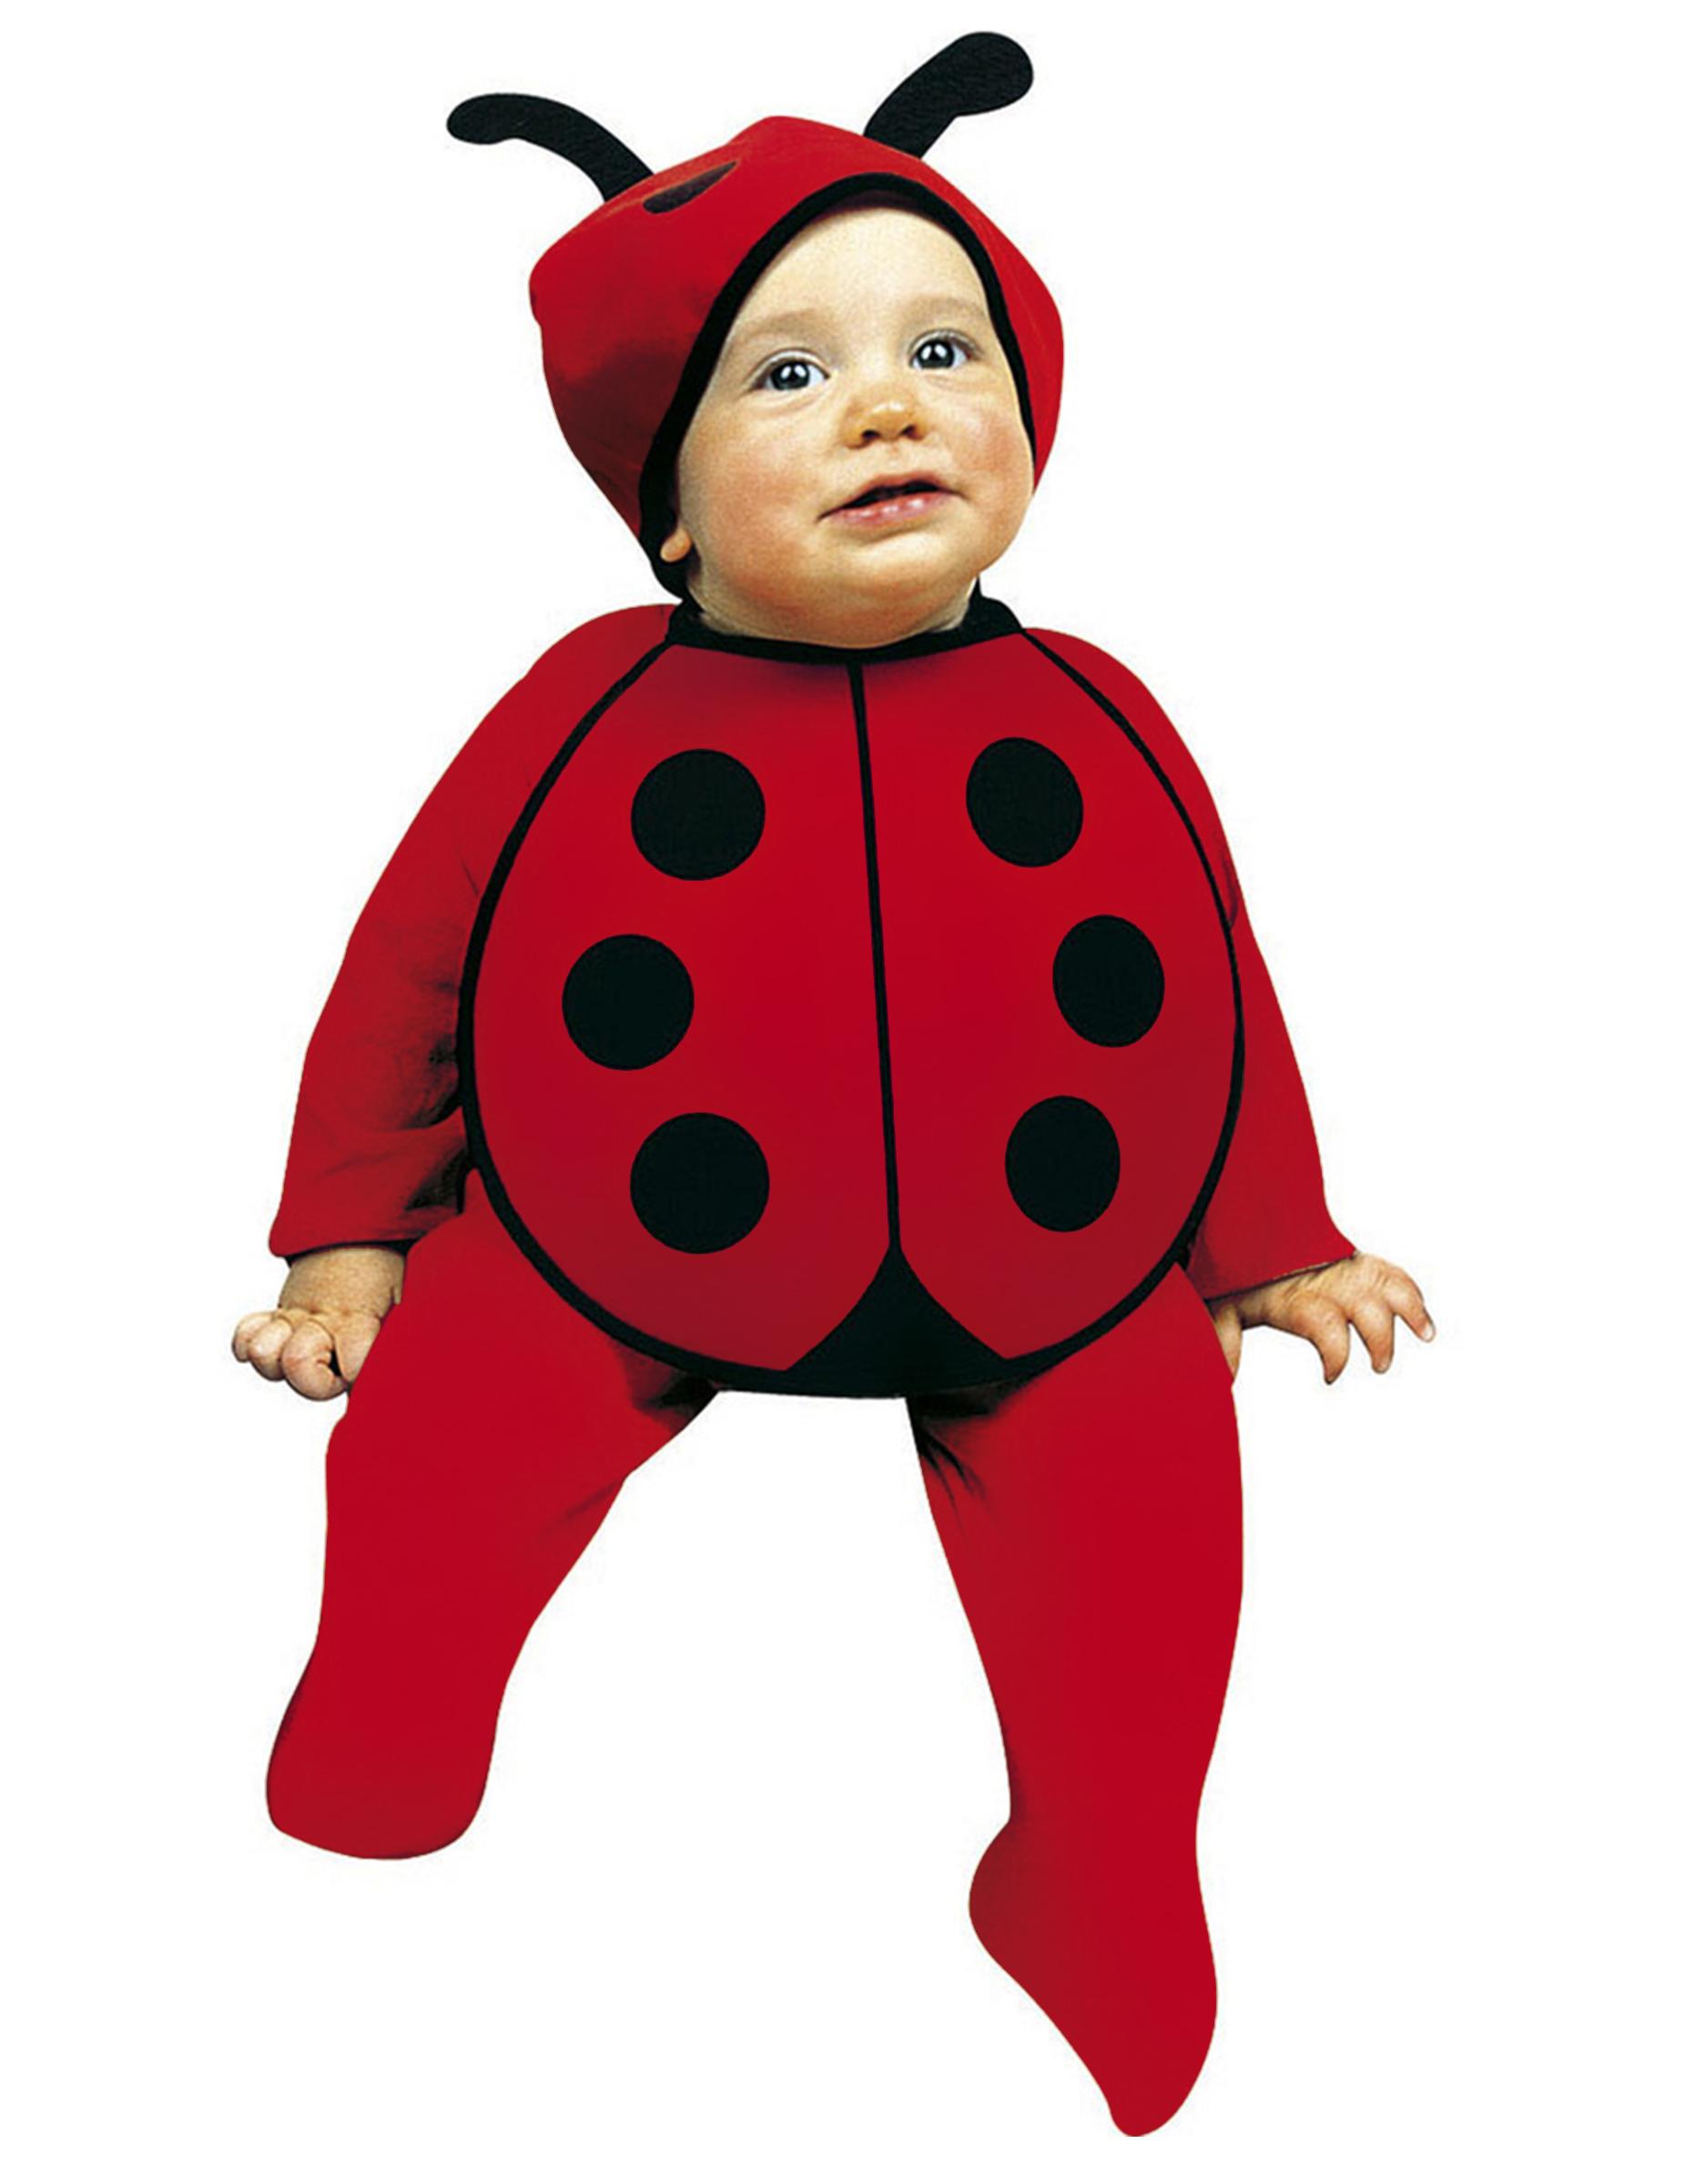 Baby Marienkaferchen Kostum Set Babykostum Schwarz Rot Gunstige